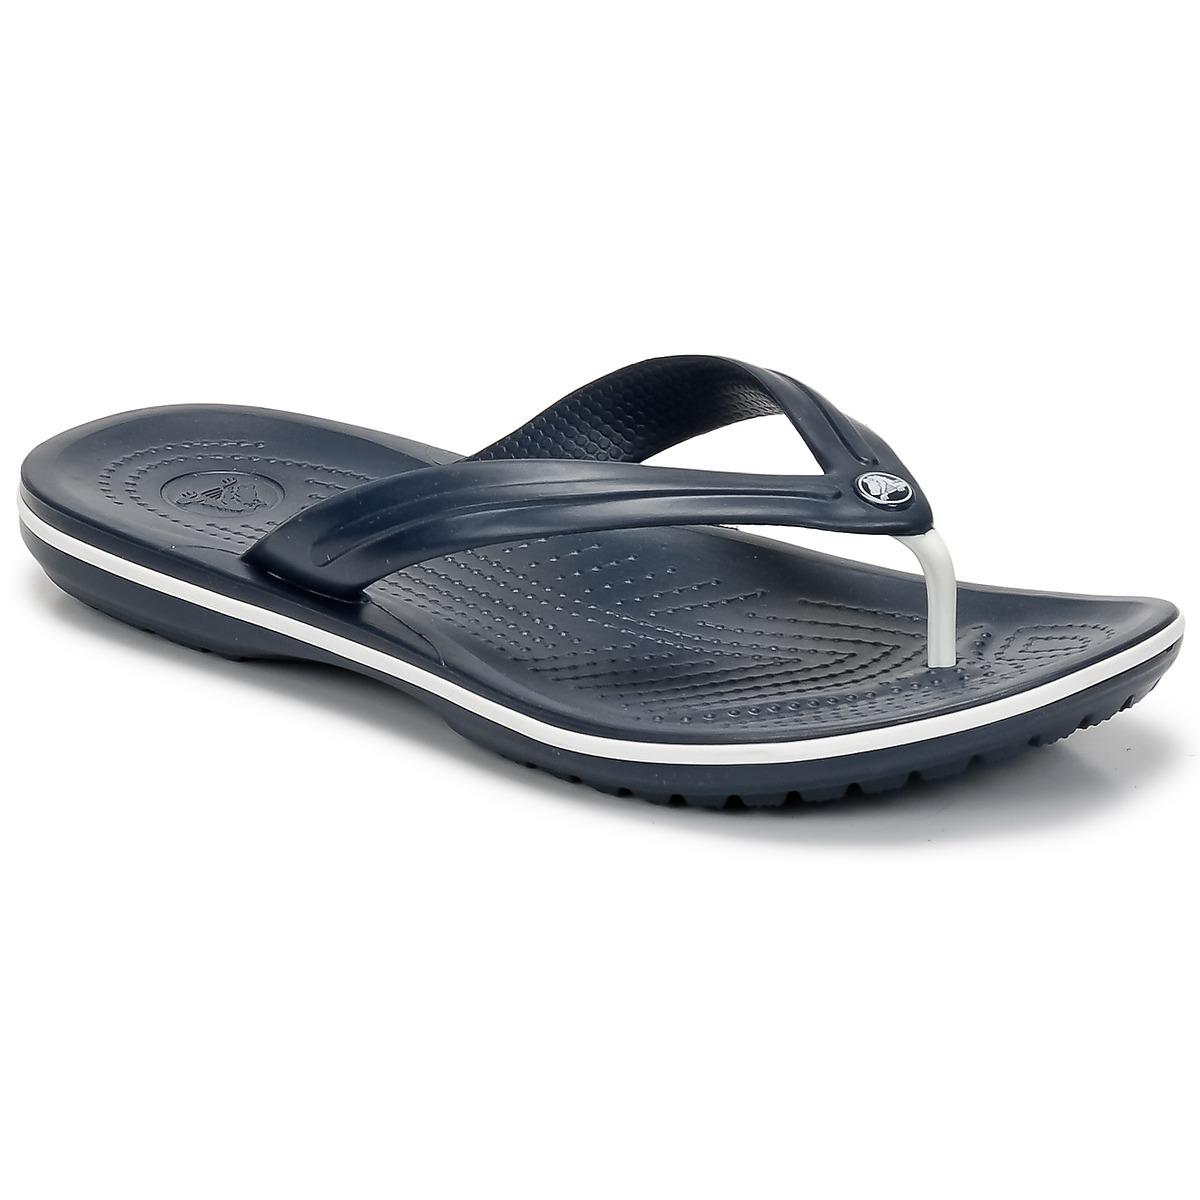 Crocs CROCBAND FLIP Marine - Kostenloser Versand bei Spartoode ! - Schuhe Zehensandalen  20,00 €